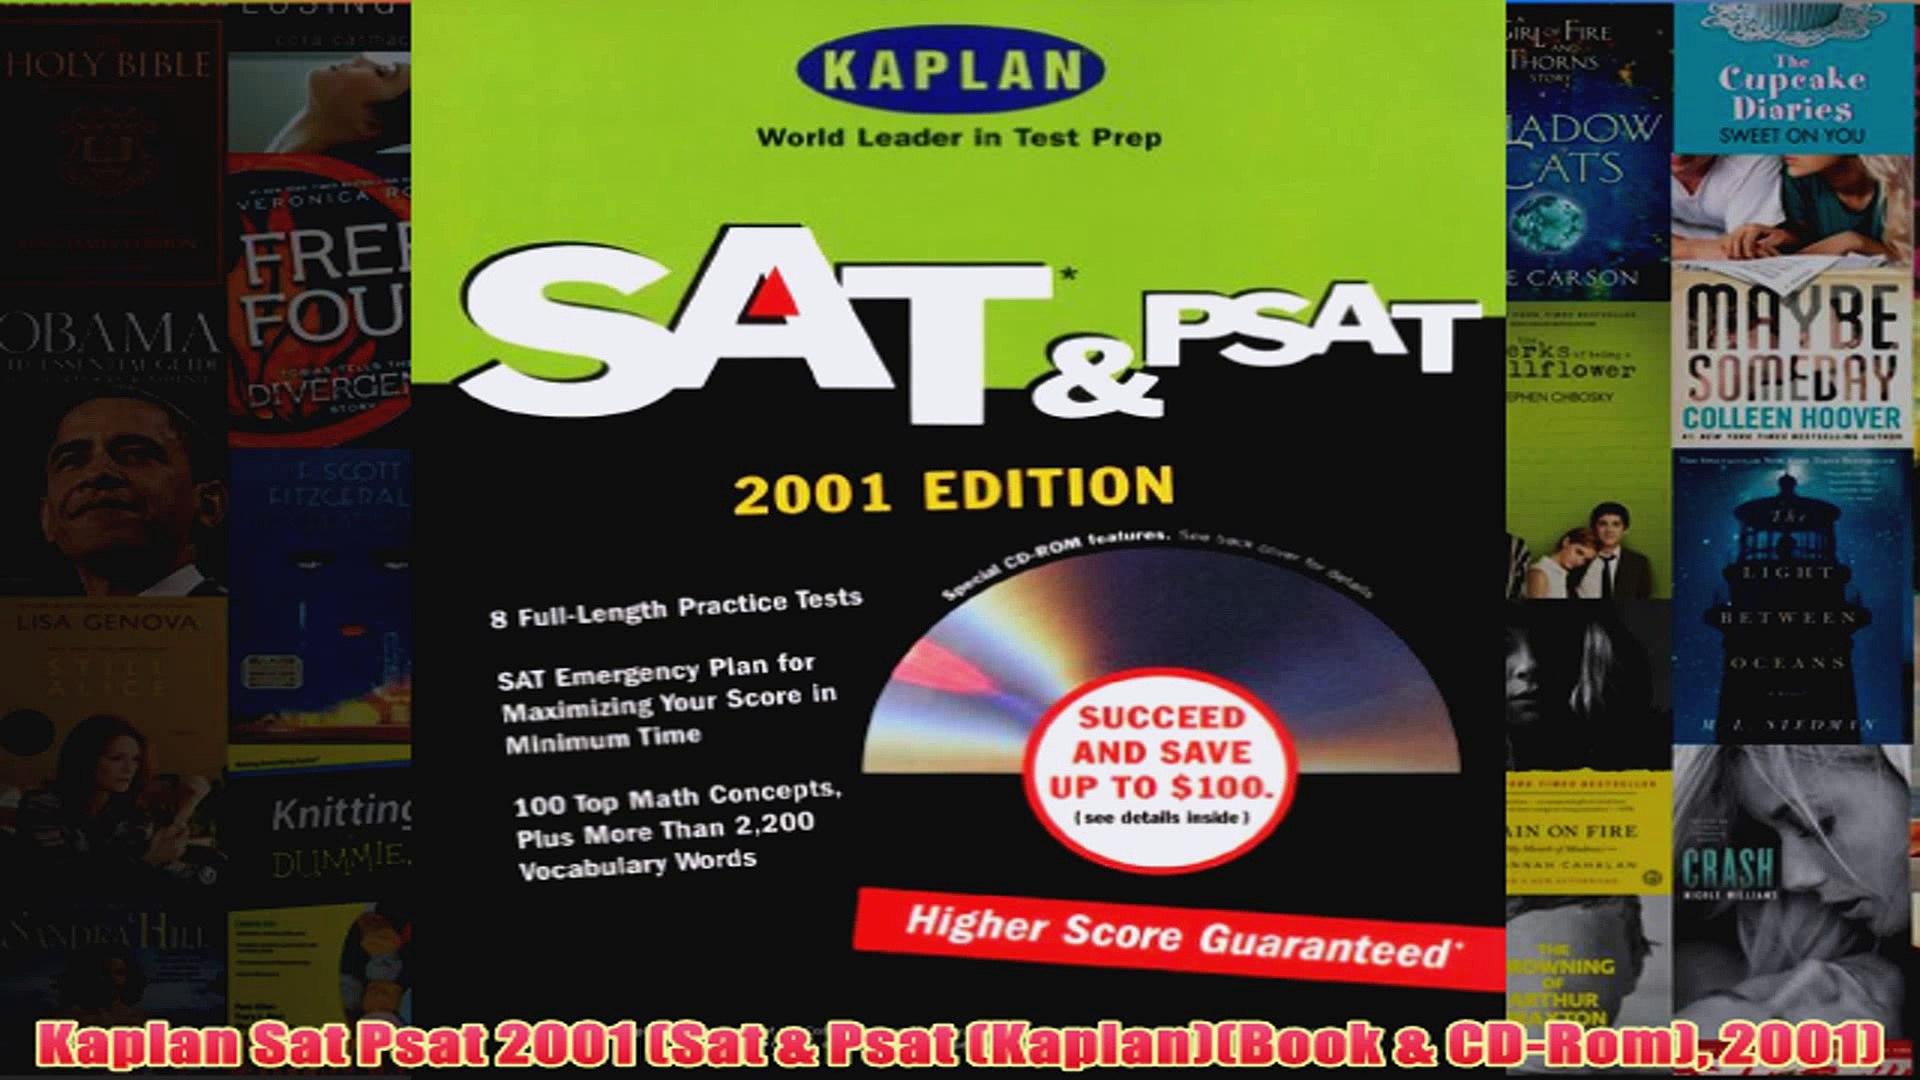 Download PDF  Kaplan Sat Psat 2001 Sat  Psat KaplanBook  CDRom 2001 FULL FREE